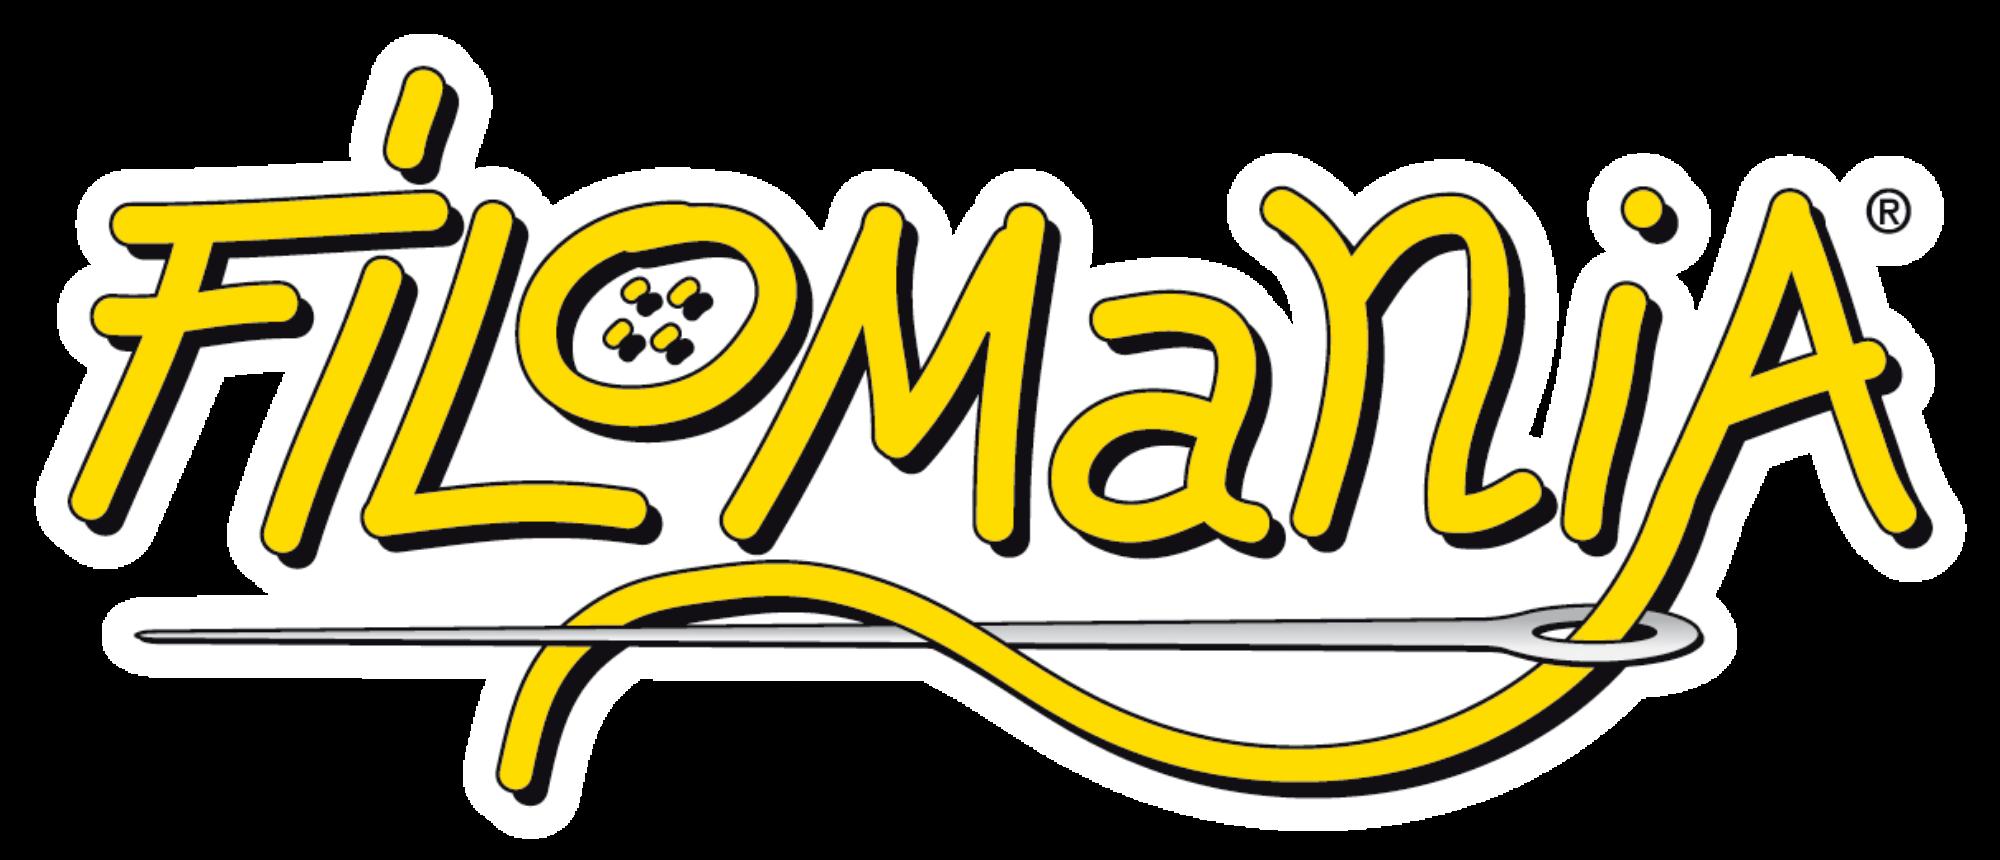 Filomania